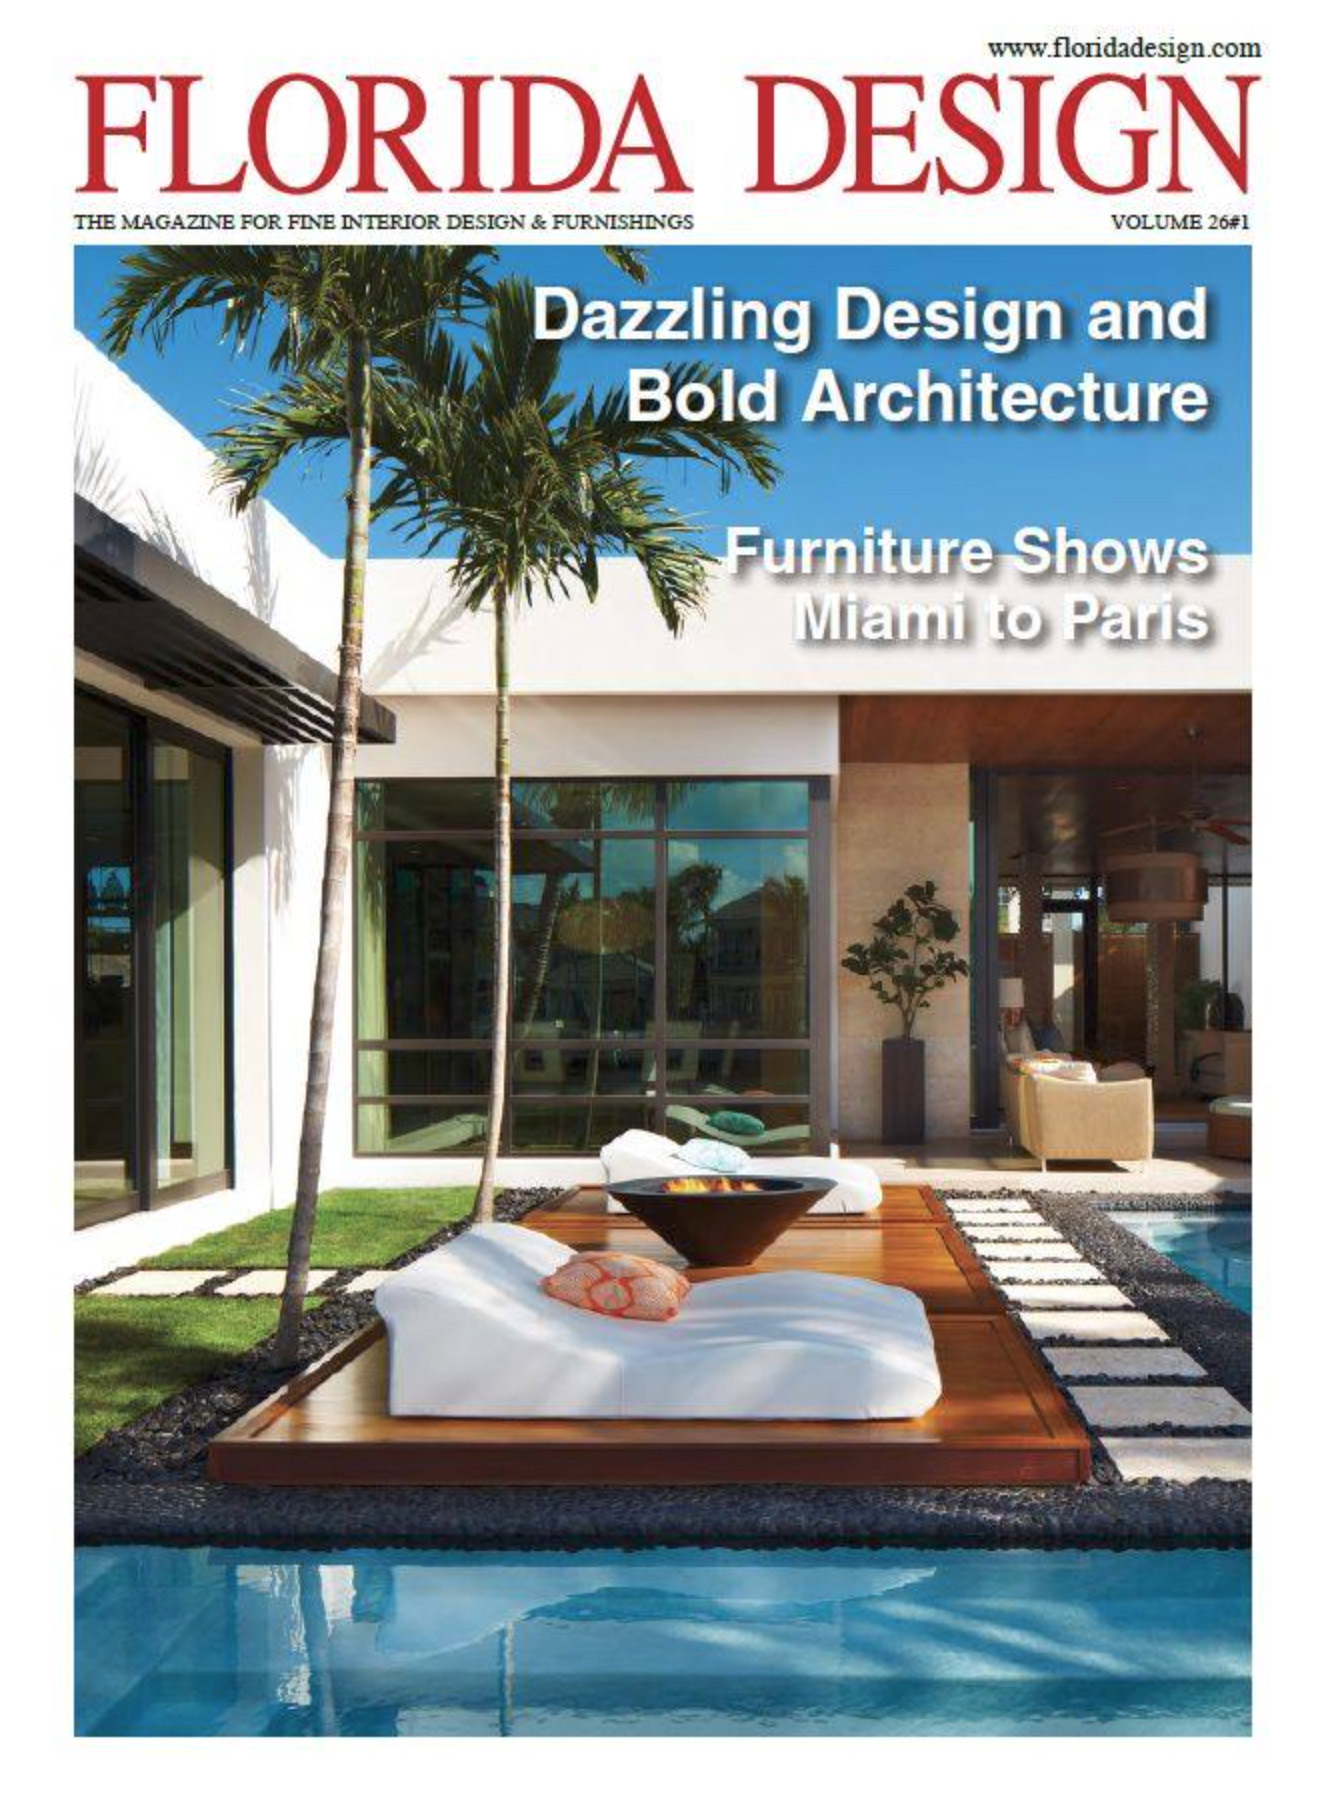 Florida design magazine brantley photography for Florida design